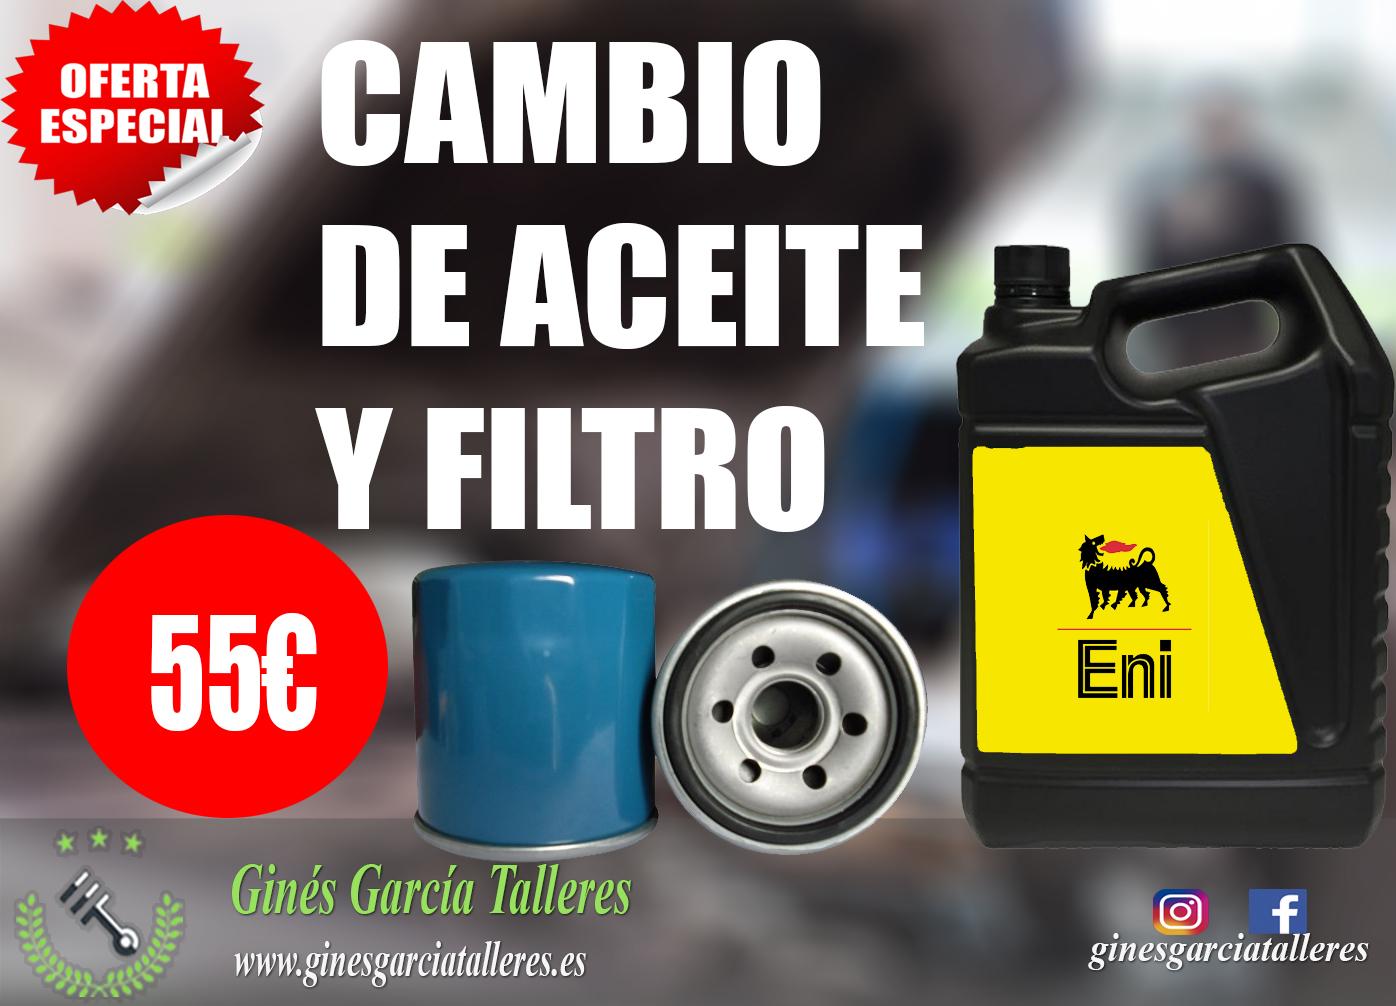 Oferta de cambio de aceite y filtro en murcia